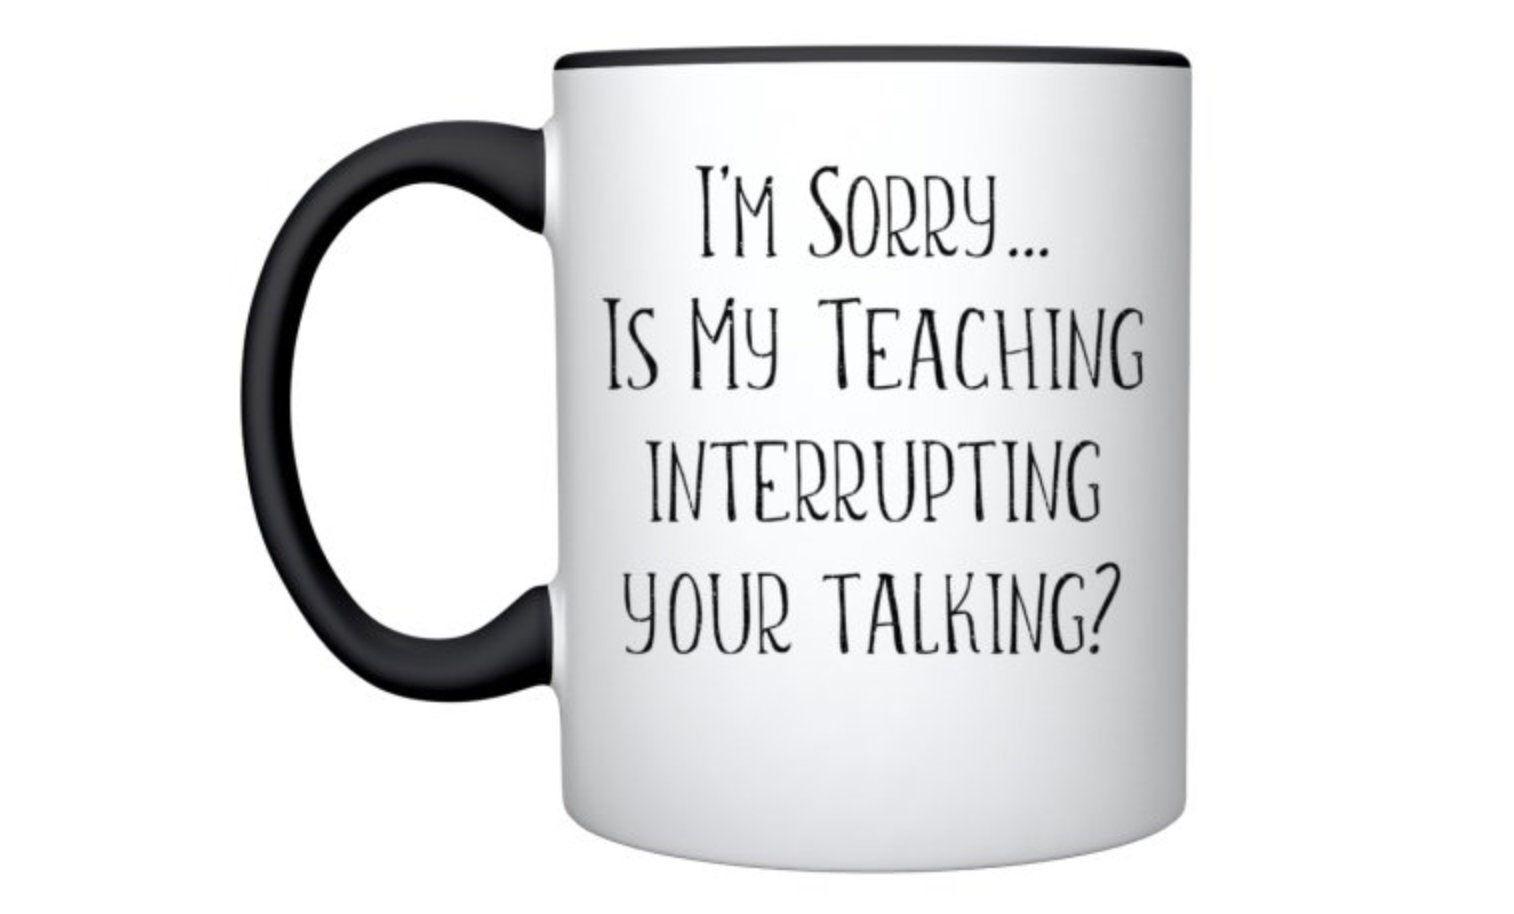 Funny Teacher Mug Personalised Teacher Gift Teacher Thank Etsy Funny Teacher Gifts Personalized Teacher Teacher Quotes Funny